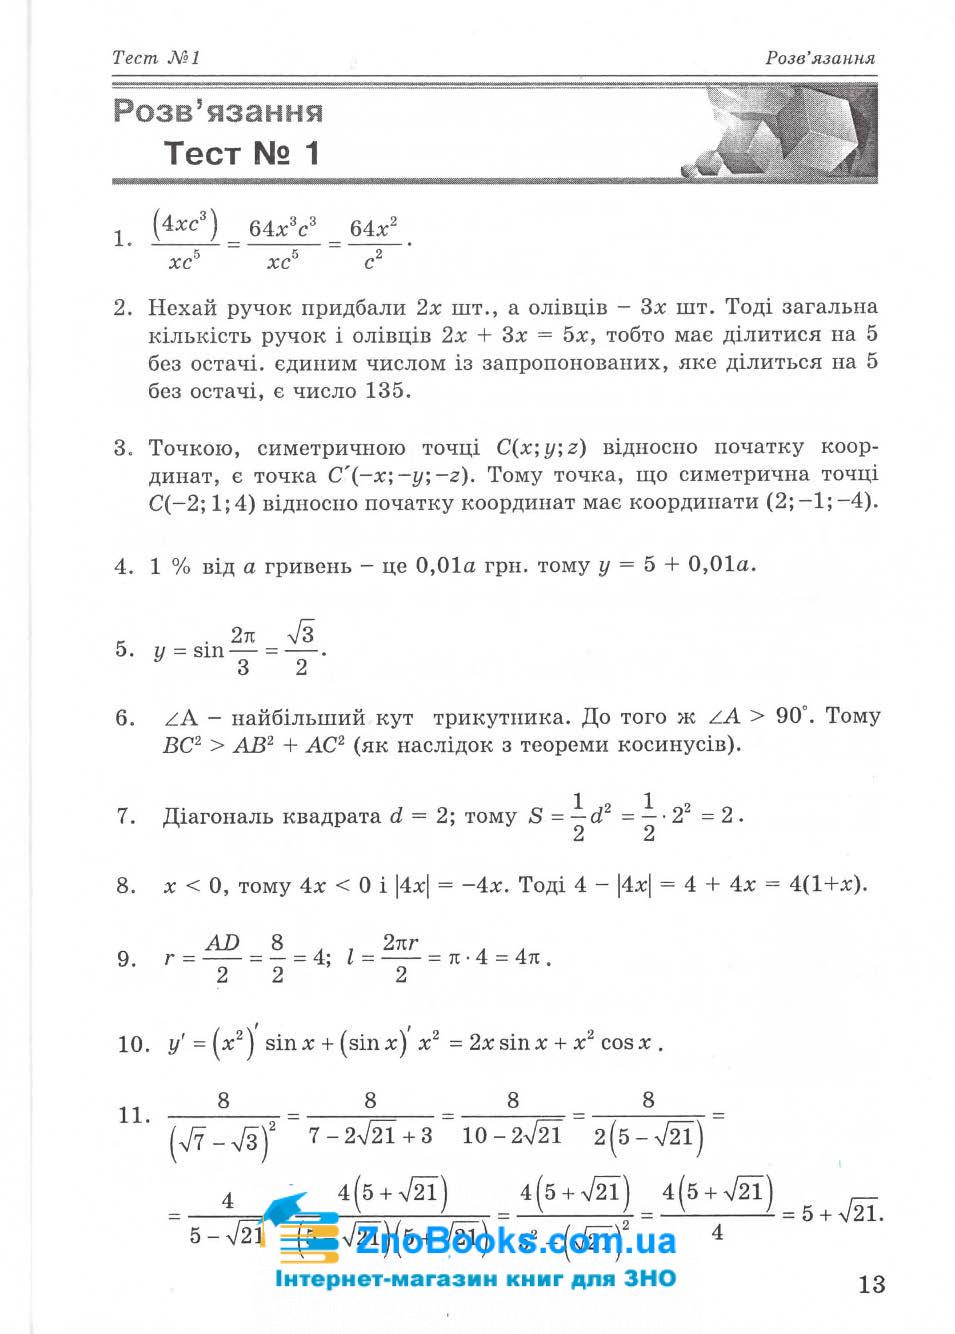 Математика : Довідник + тести та 20 варіантів тестів у форматі ЗНО 2022 : Істер О. Абетка. купити 14